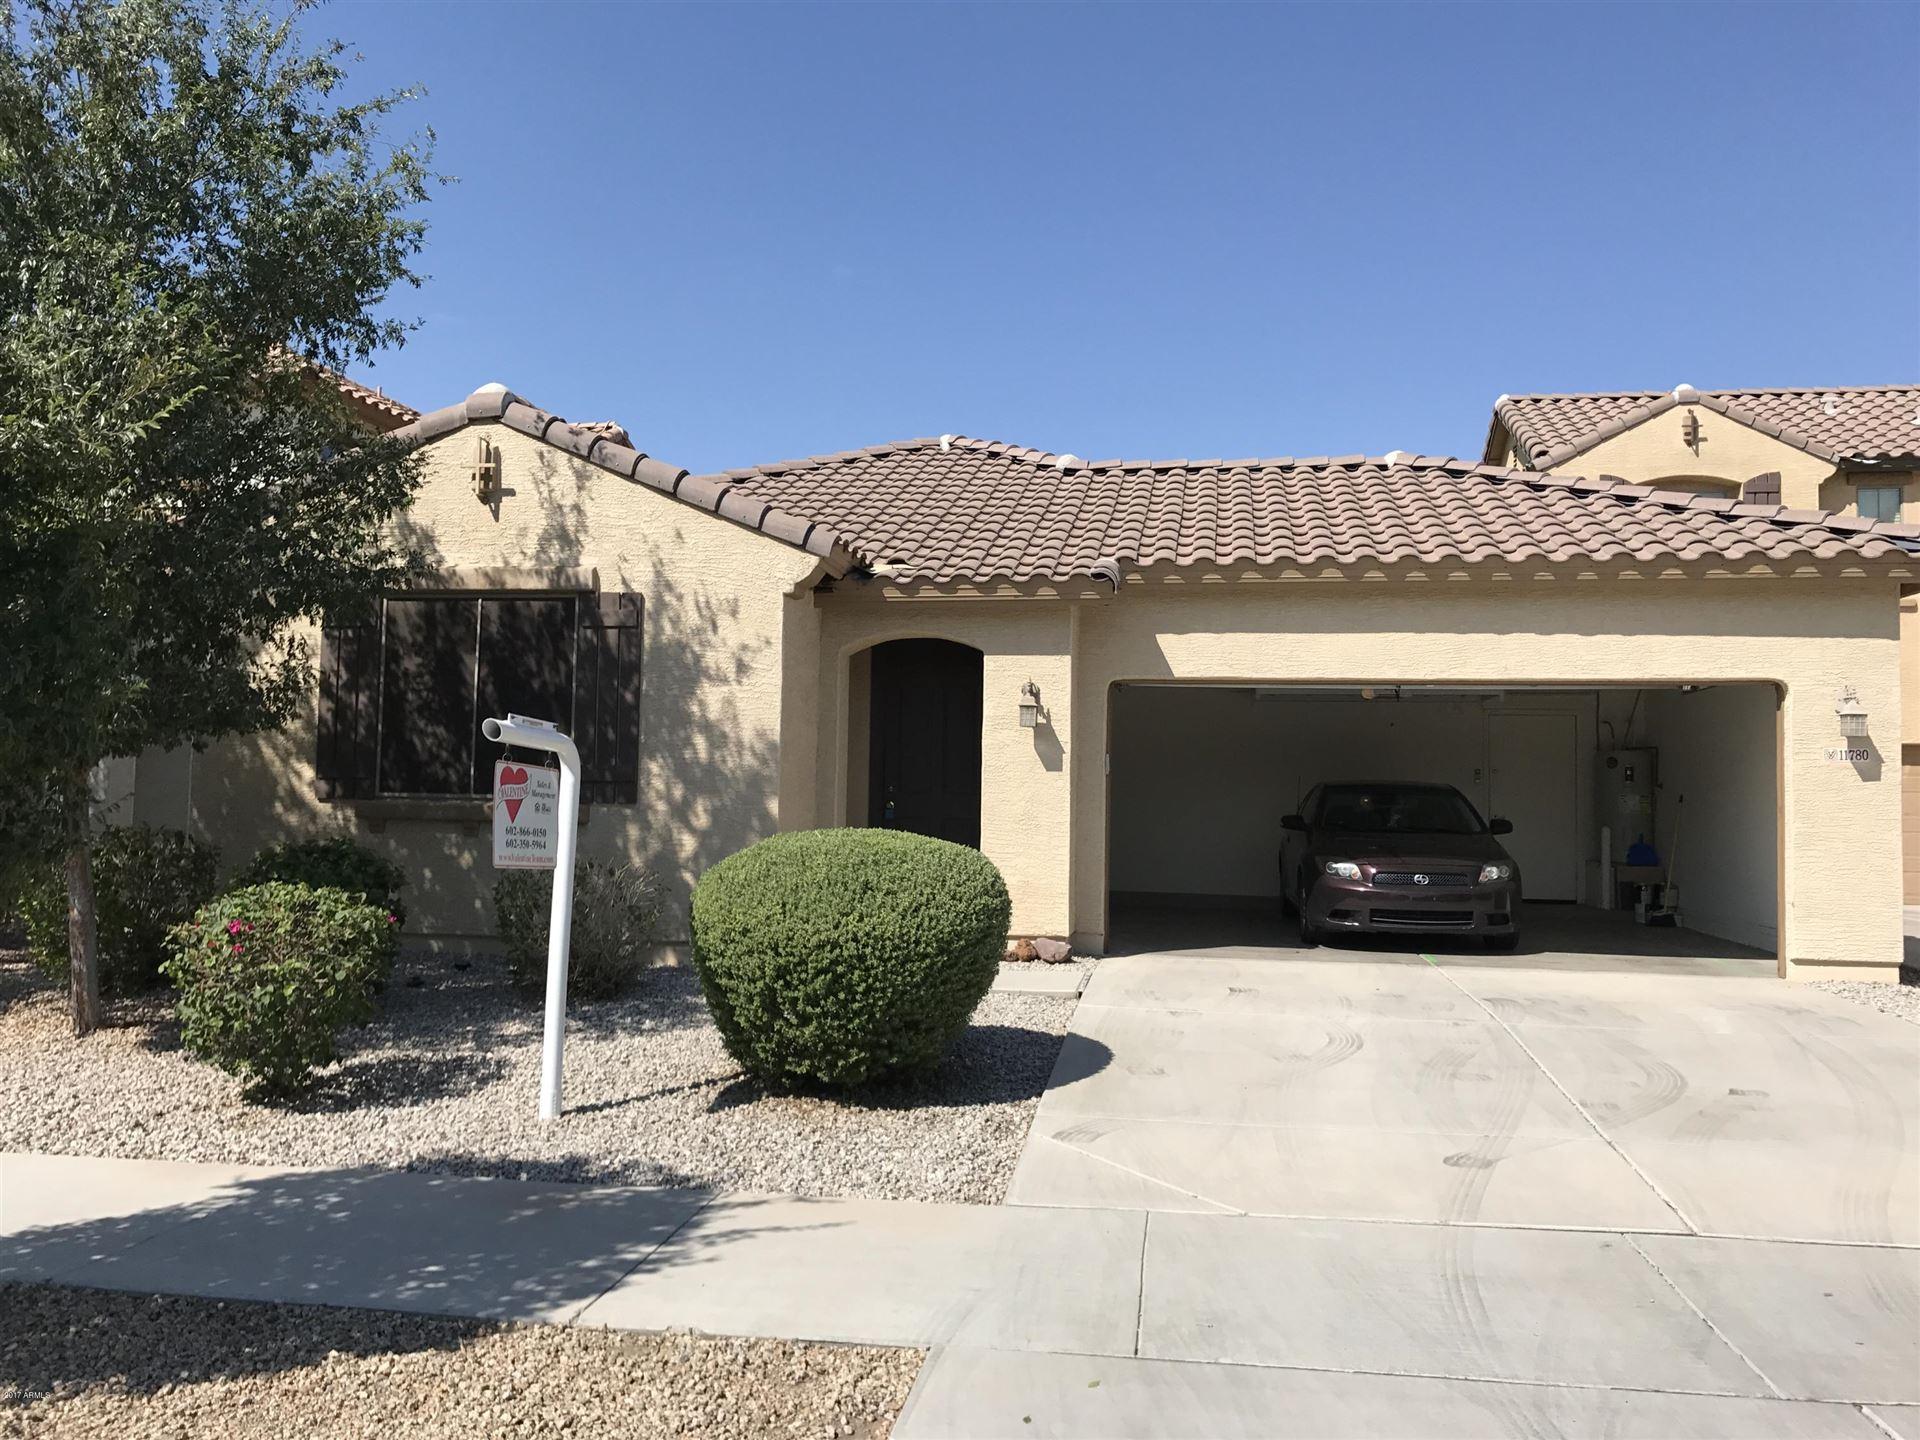 Photo of 11780 N 154TH Lane, Surprise, AZ 85379 (MLS # 6198597)